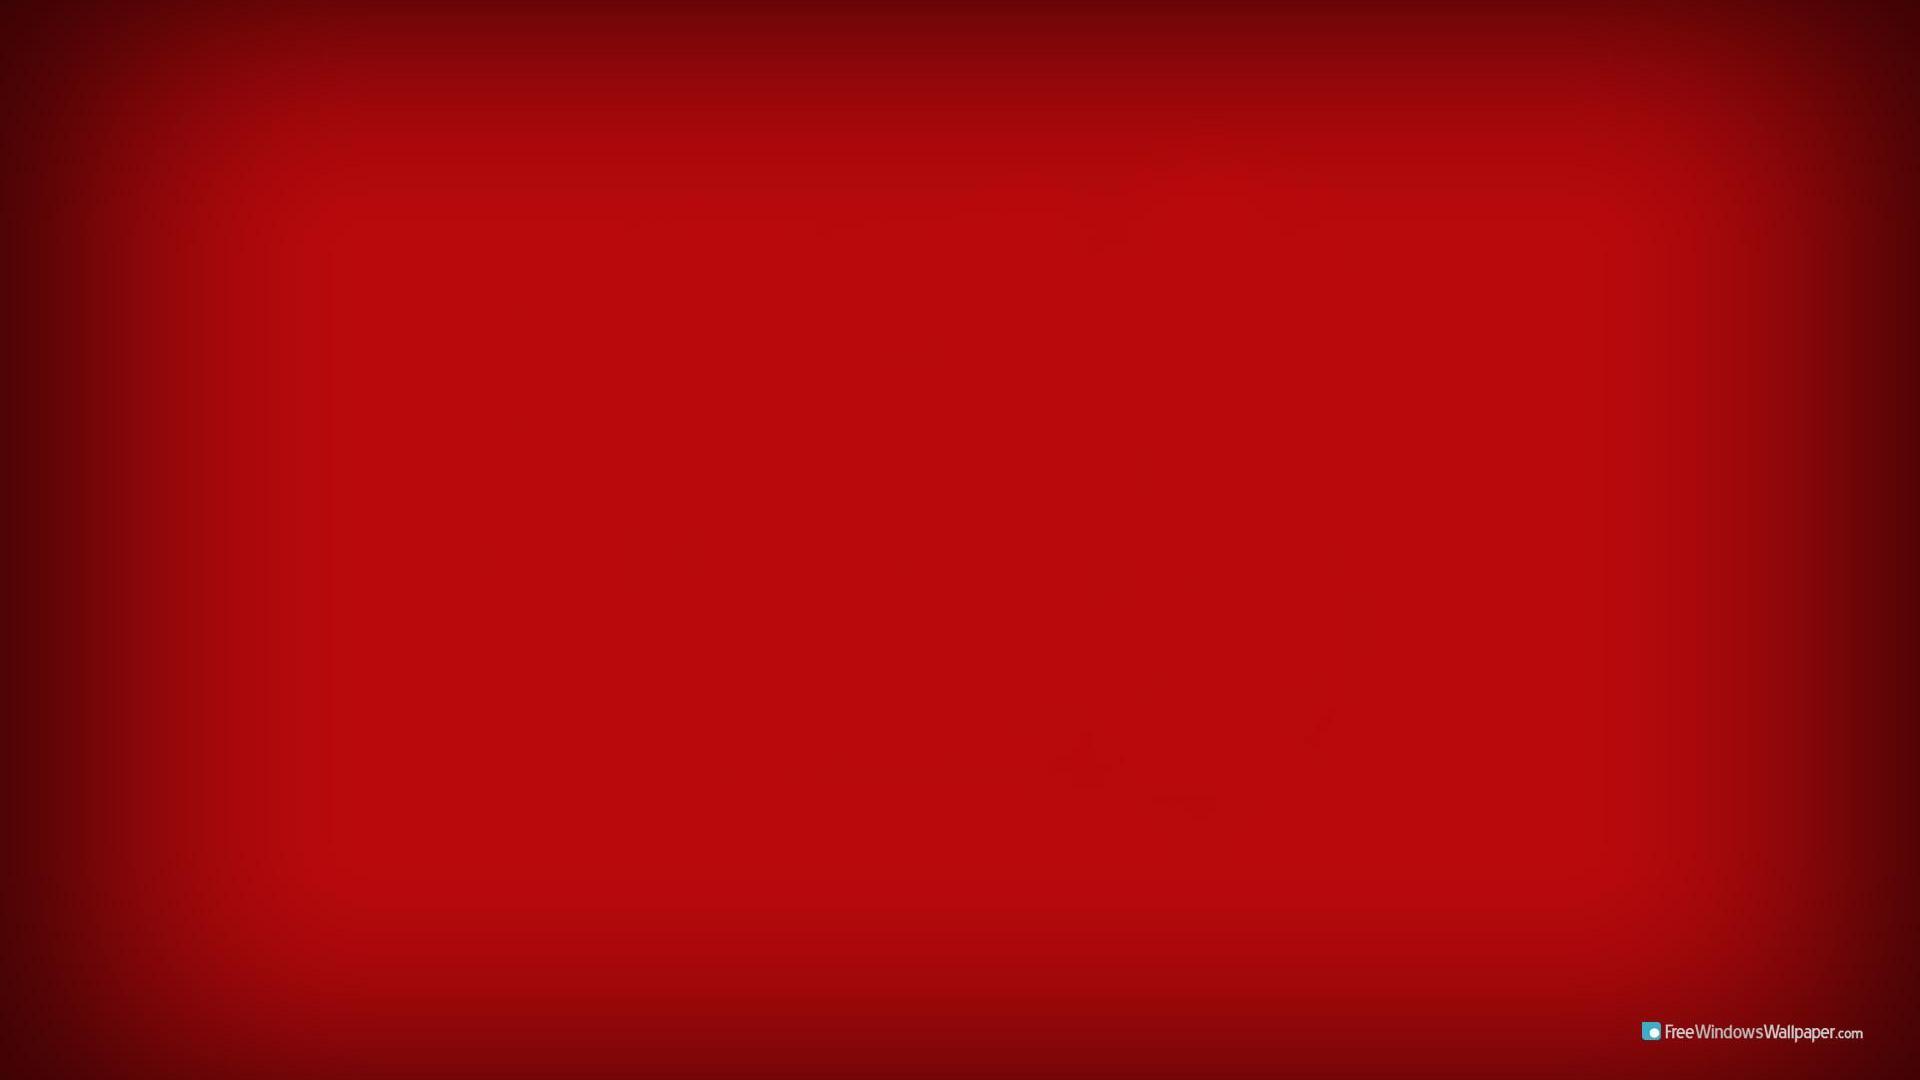 Red Wallpaper 1920x1080 - WallpaperSafari